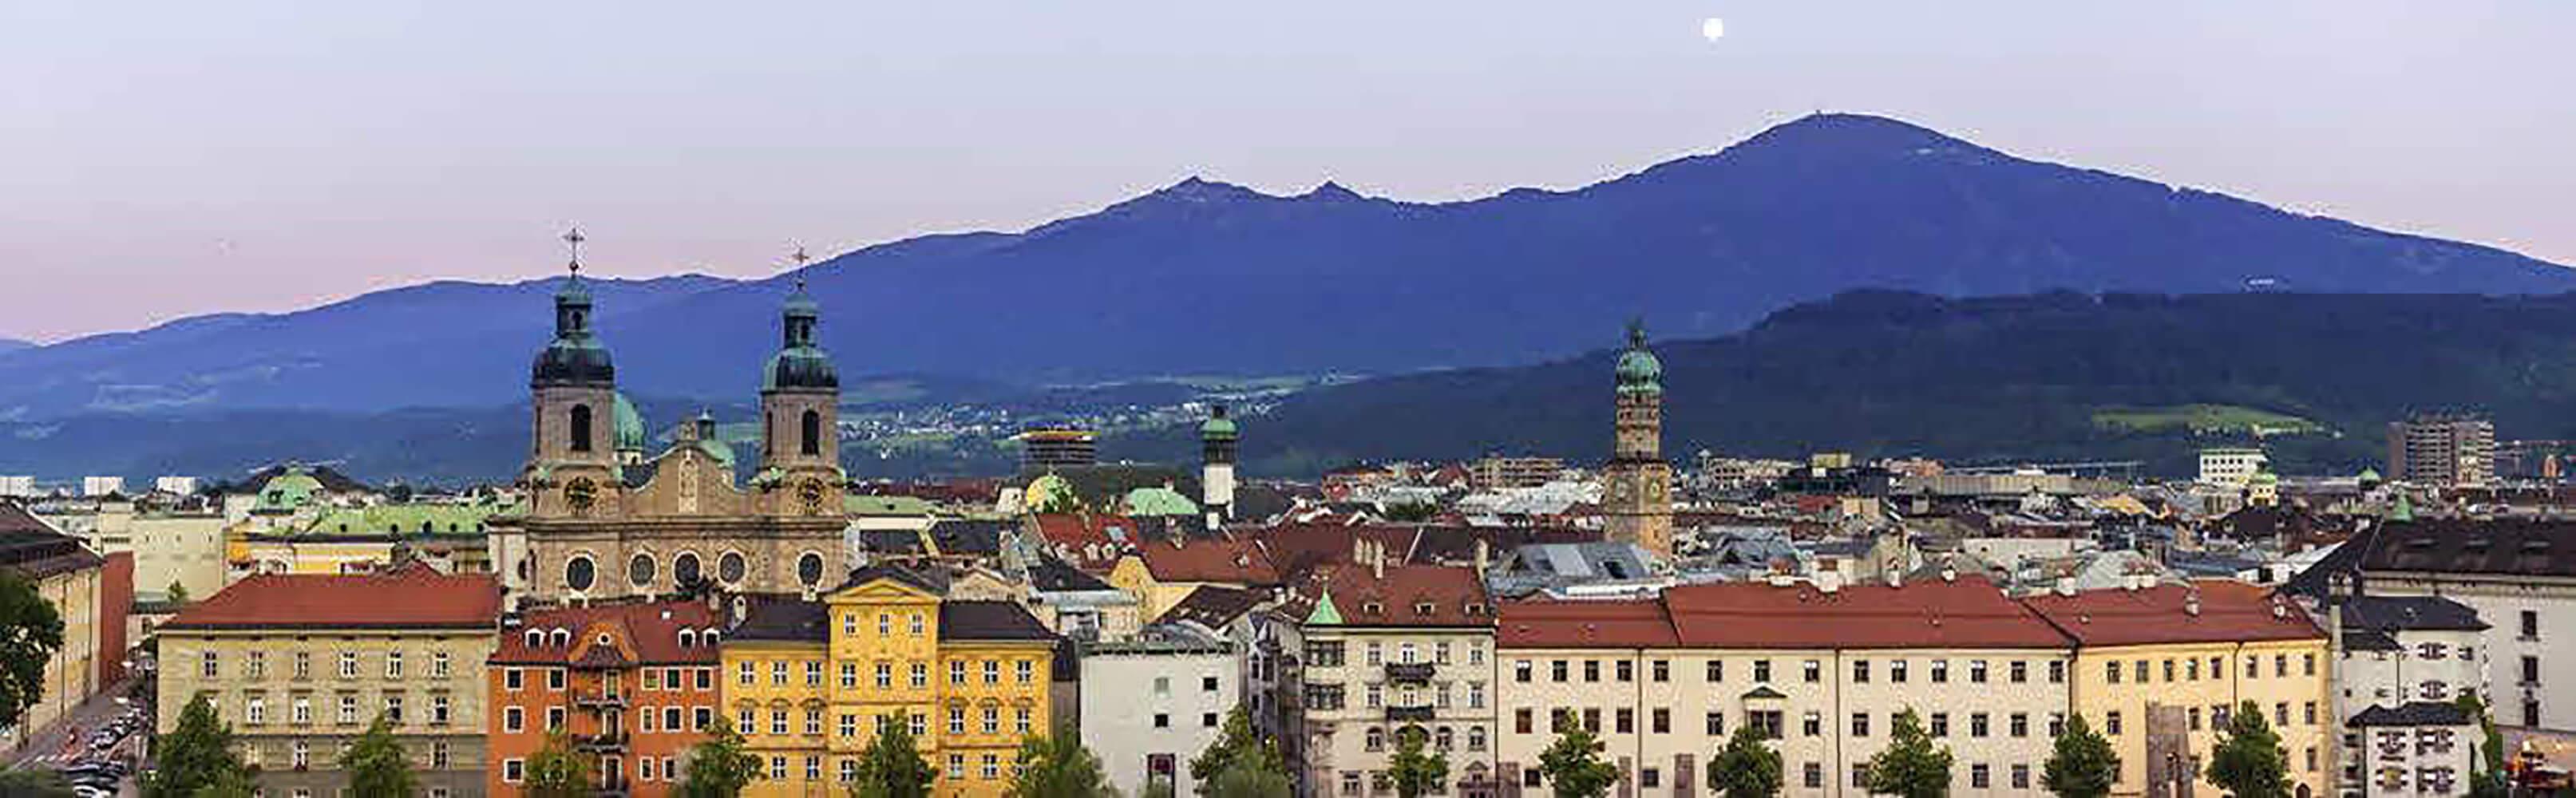 Innsbruck Tiroler Hauptstadt 1